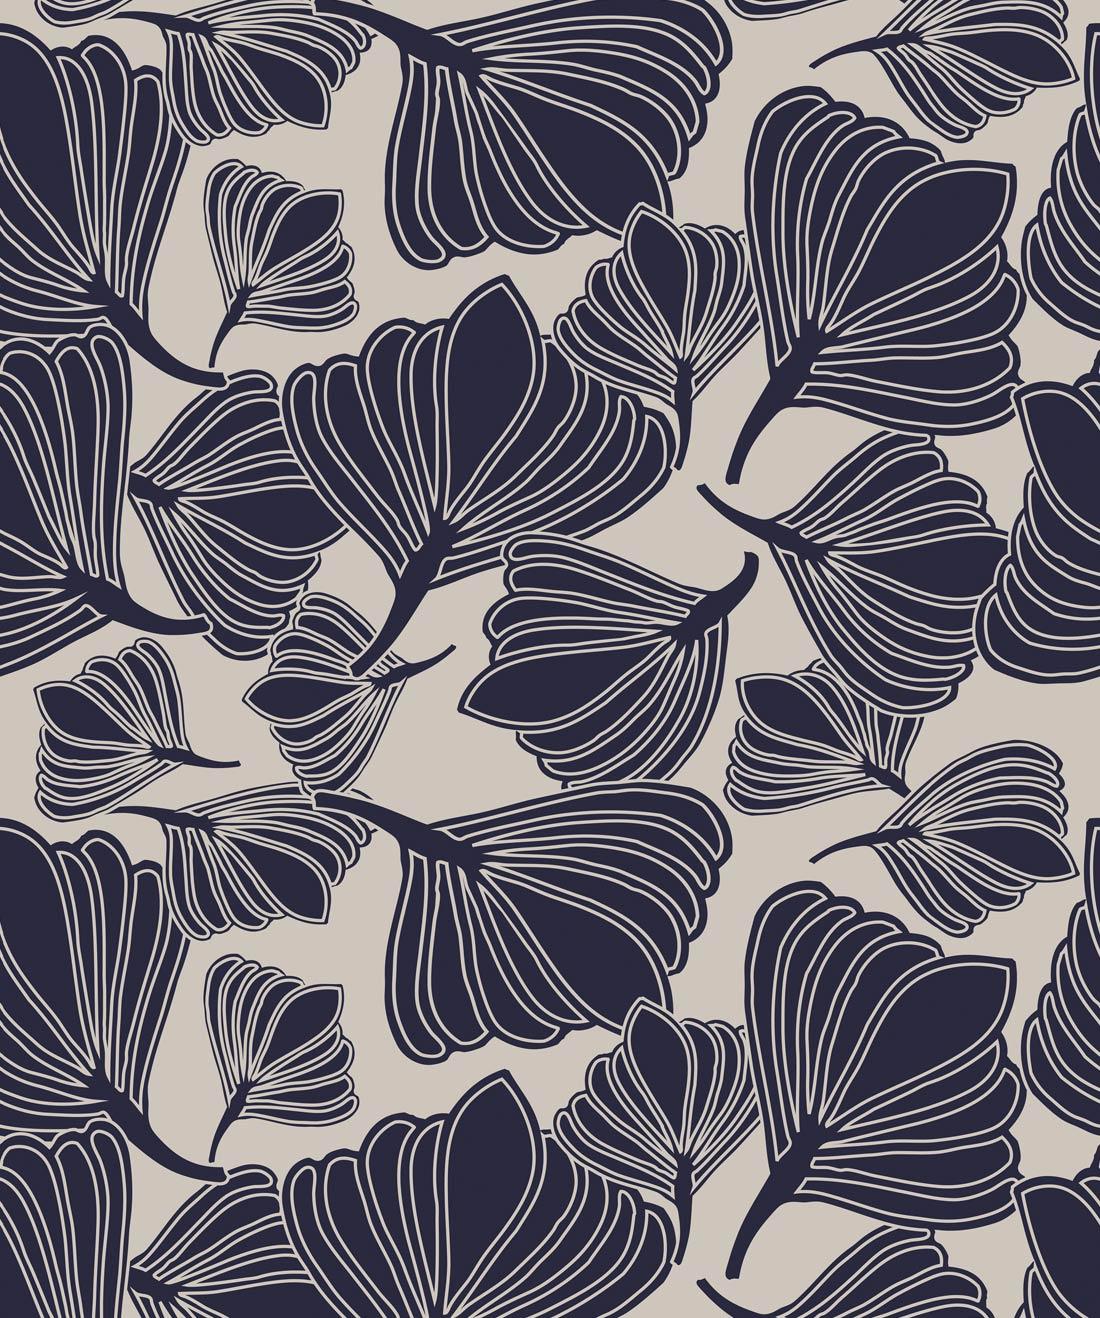 Tulip Seeds Wallpaper